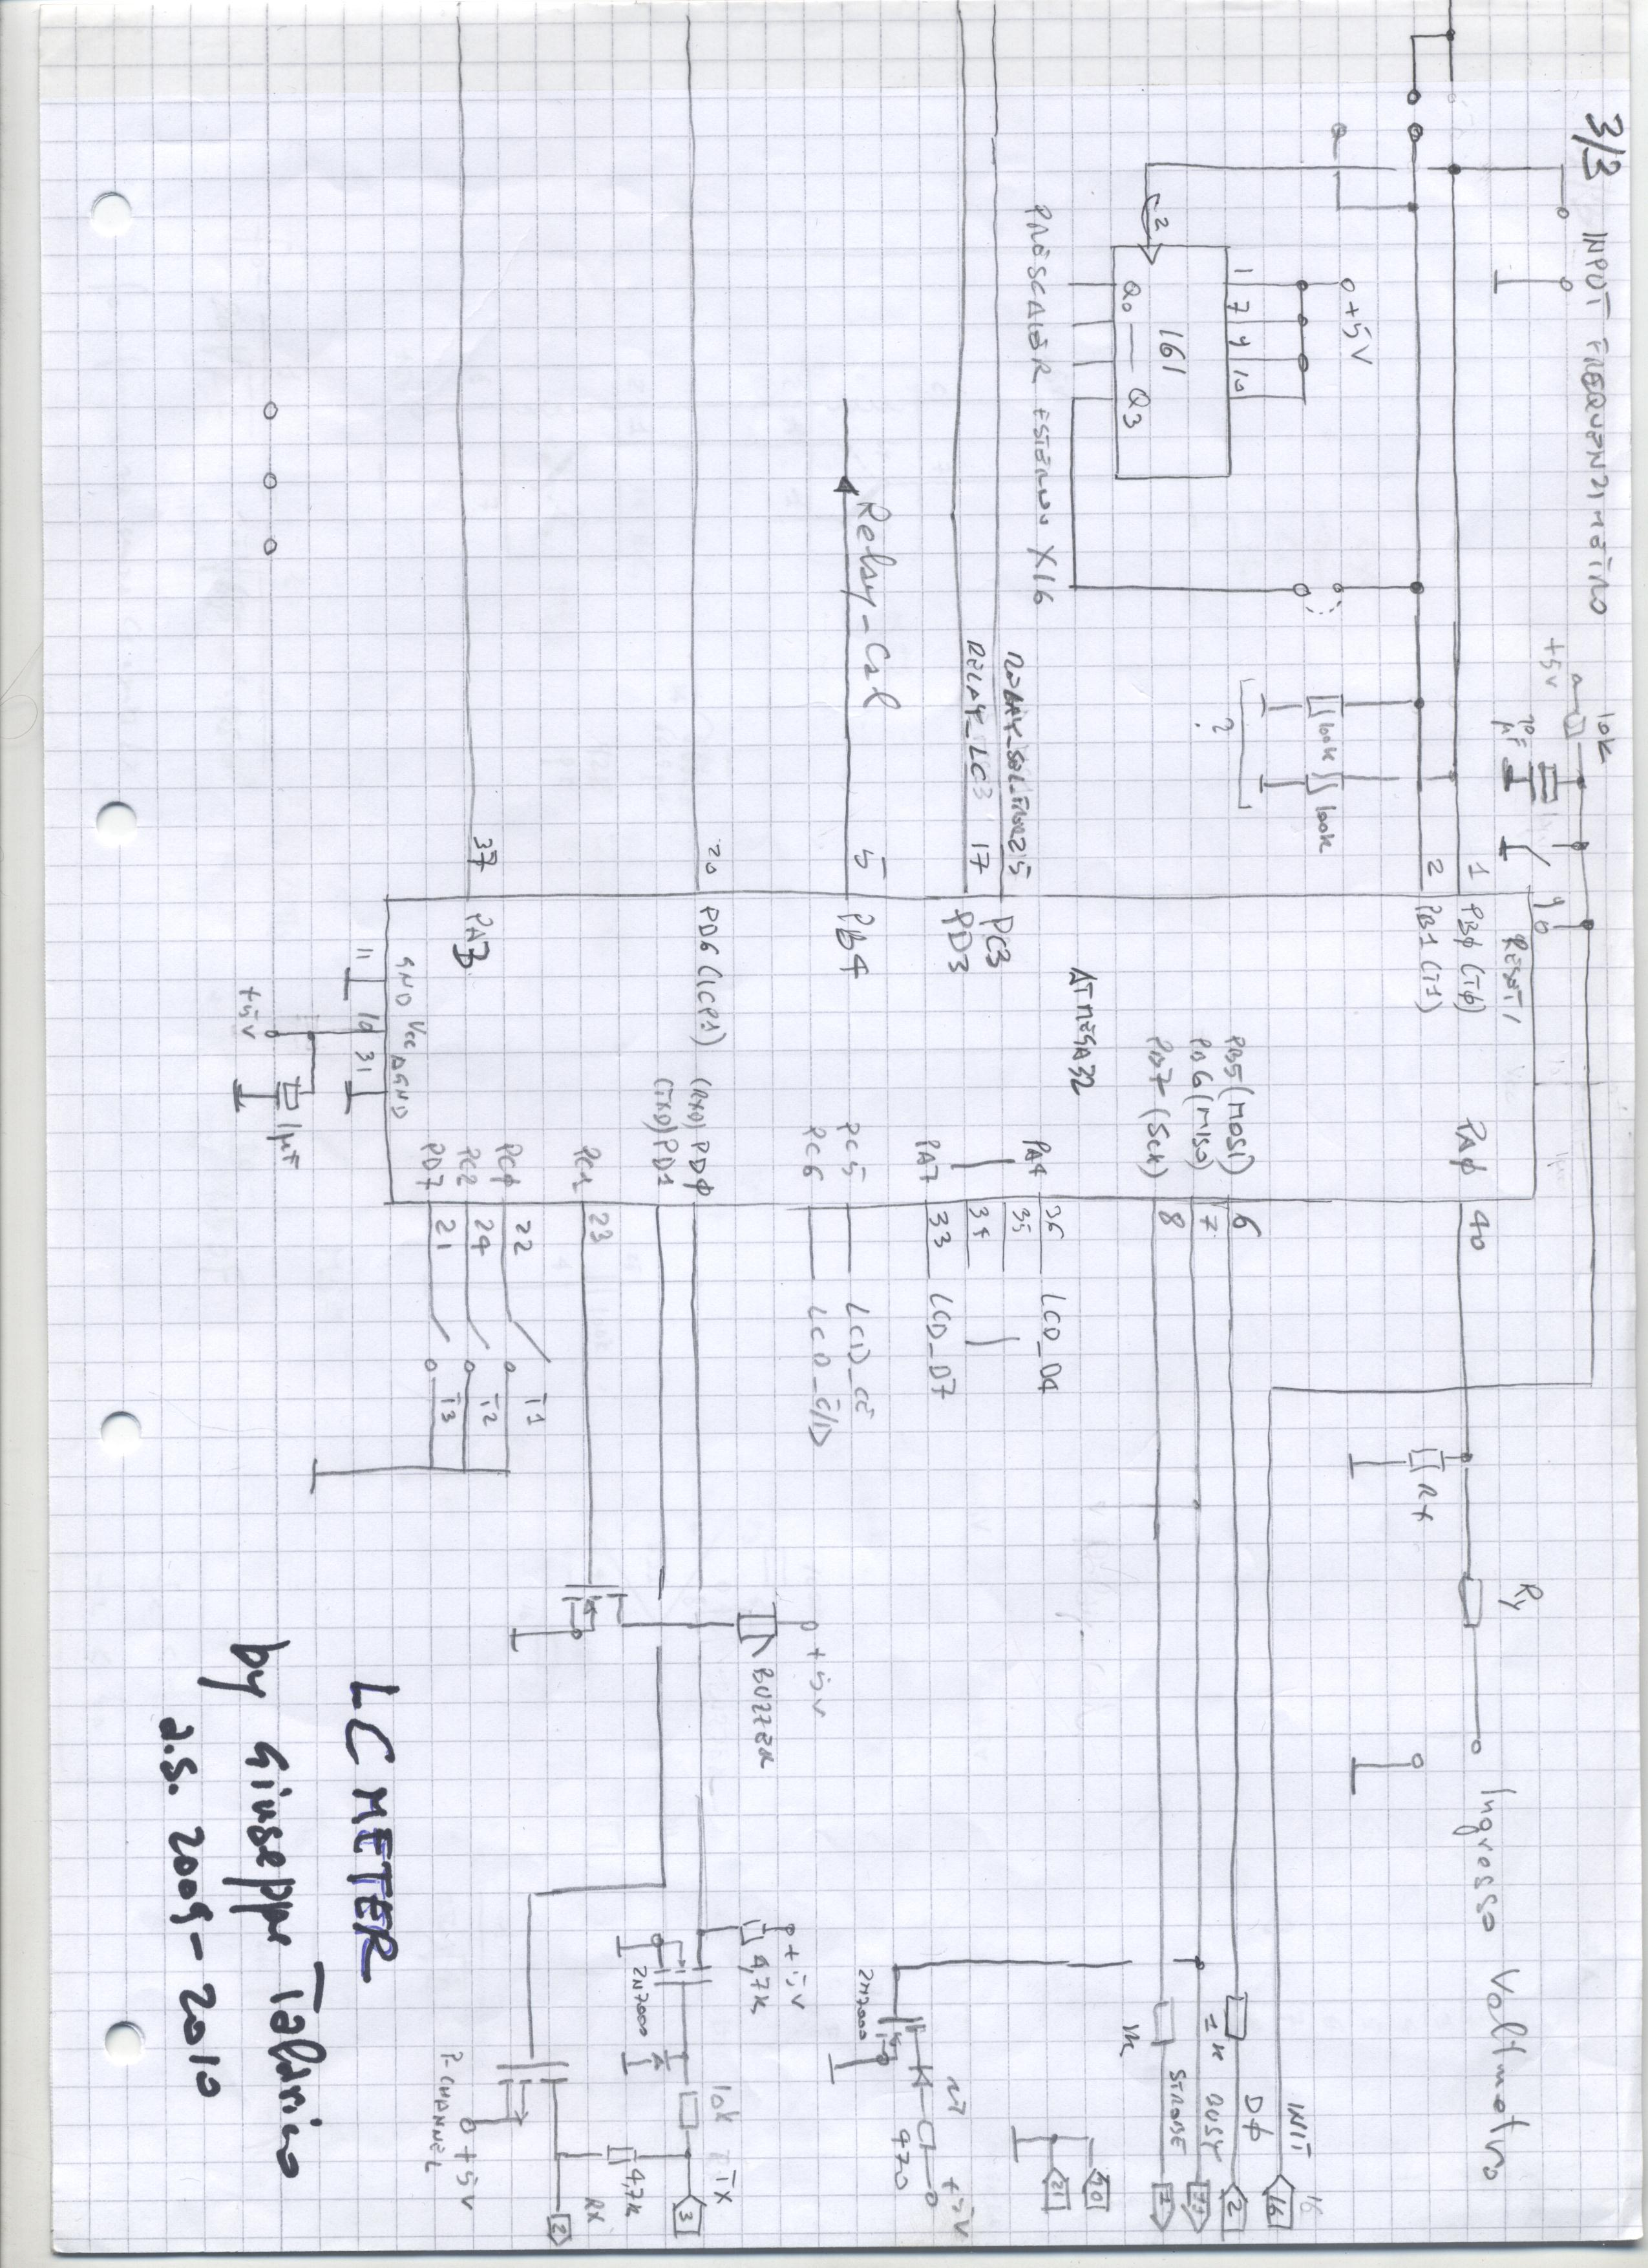 LC meter diagram